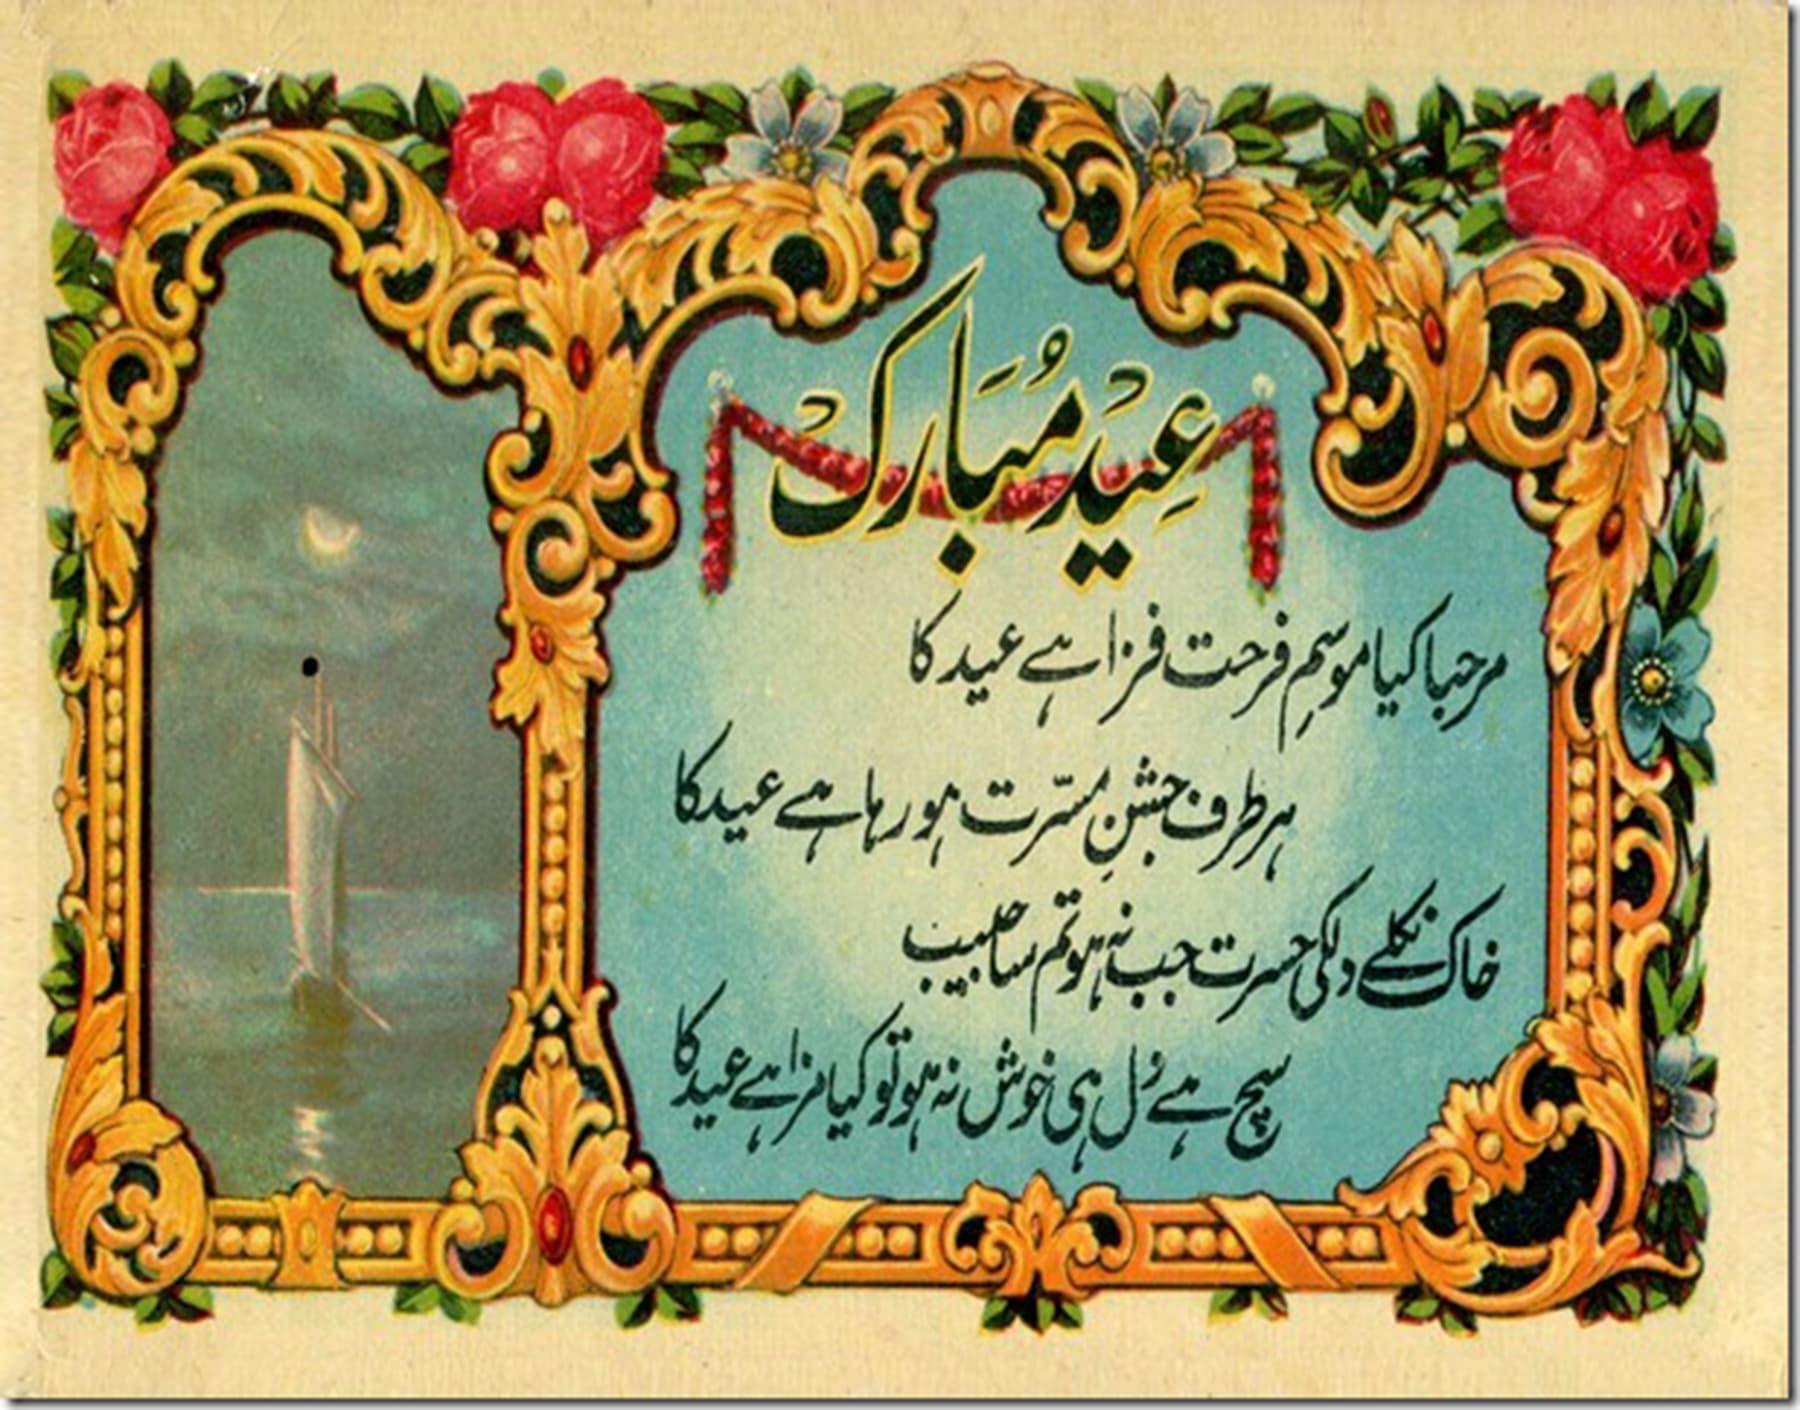 ایک زیادہ مشہور عید کارڈ۔